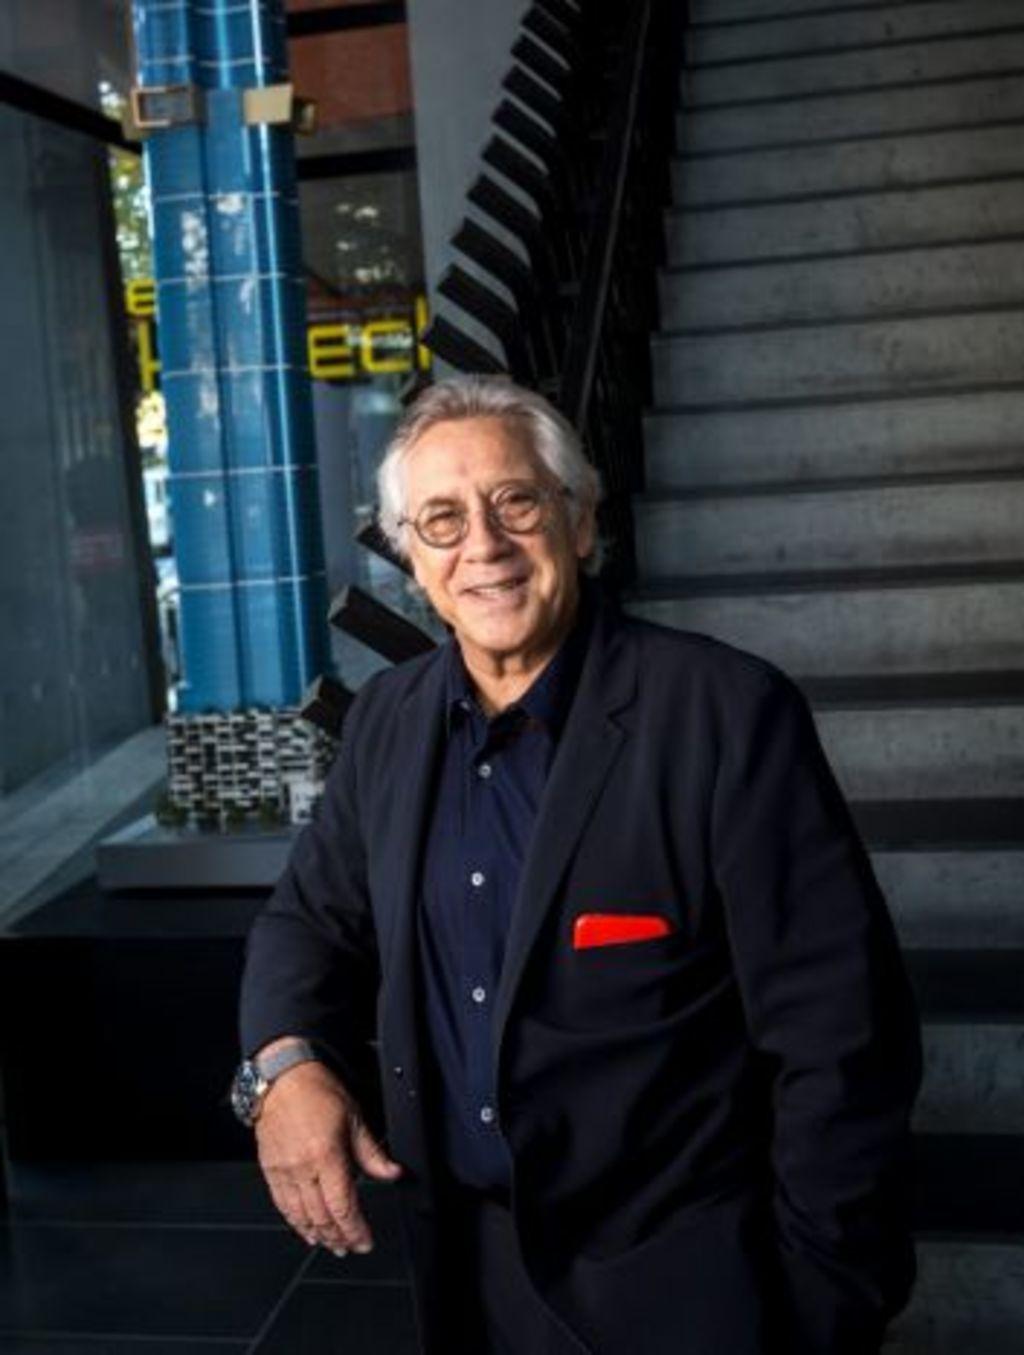 Architect Karl Fender. Photo: Eddie Jim